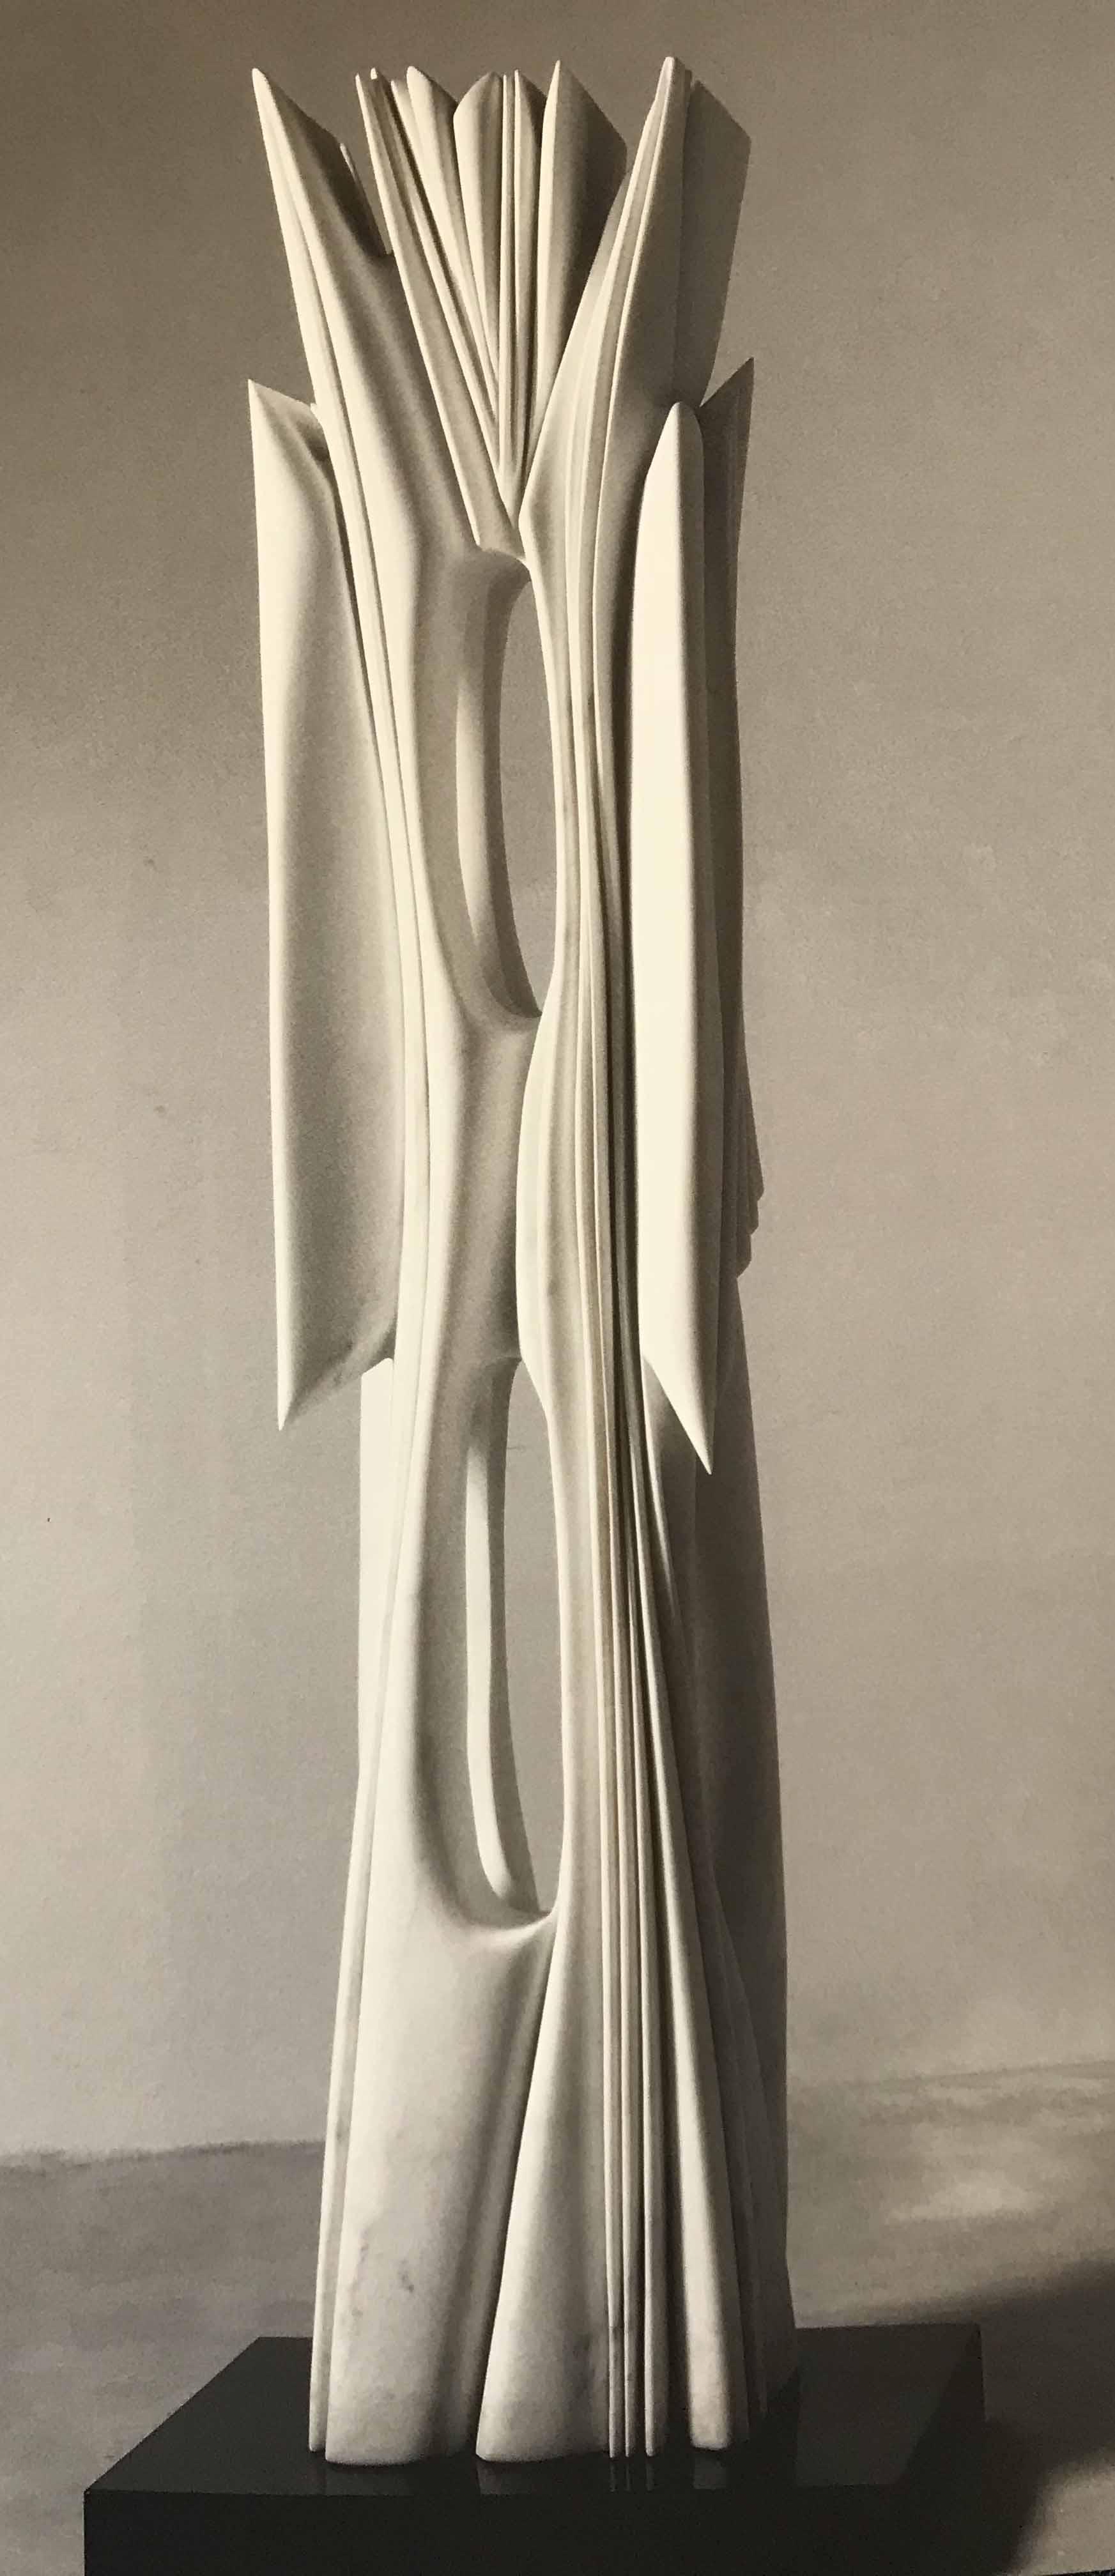 """PABLO ATCHUGARRY (Nac. 1963) """"El ángel"""" Mármol de Carrara; 229 x 43 x 40 cm. POR CONSULTAS DE PRECIOS, CONTACTE LA GALERIA. FOR PRICE´S ENQUIRIES, PLEASE CONTACT THE GALLERY."""